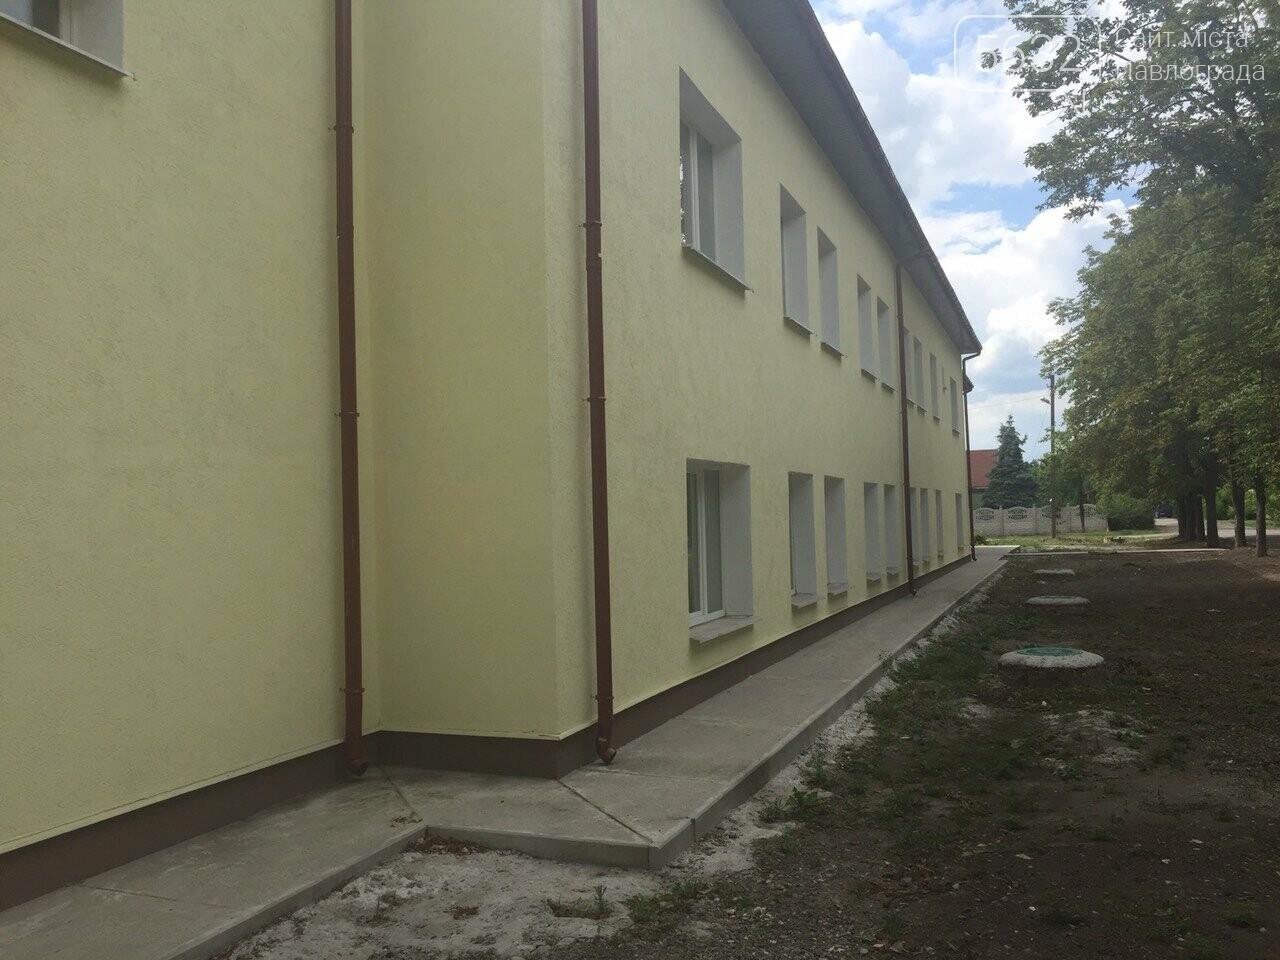 Дом для переселенцев в Павлограде до сих пор пустует, фото-6